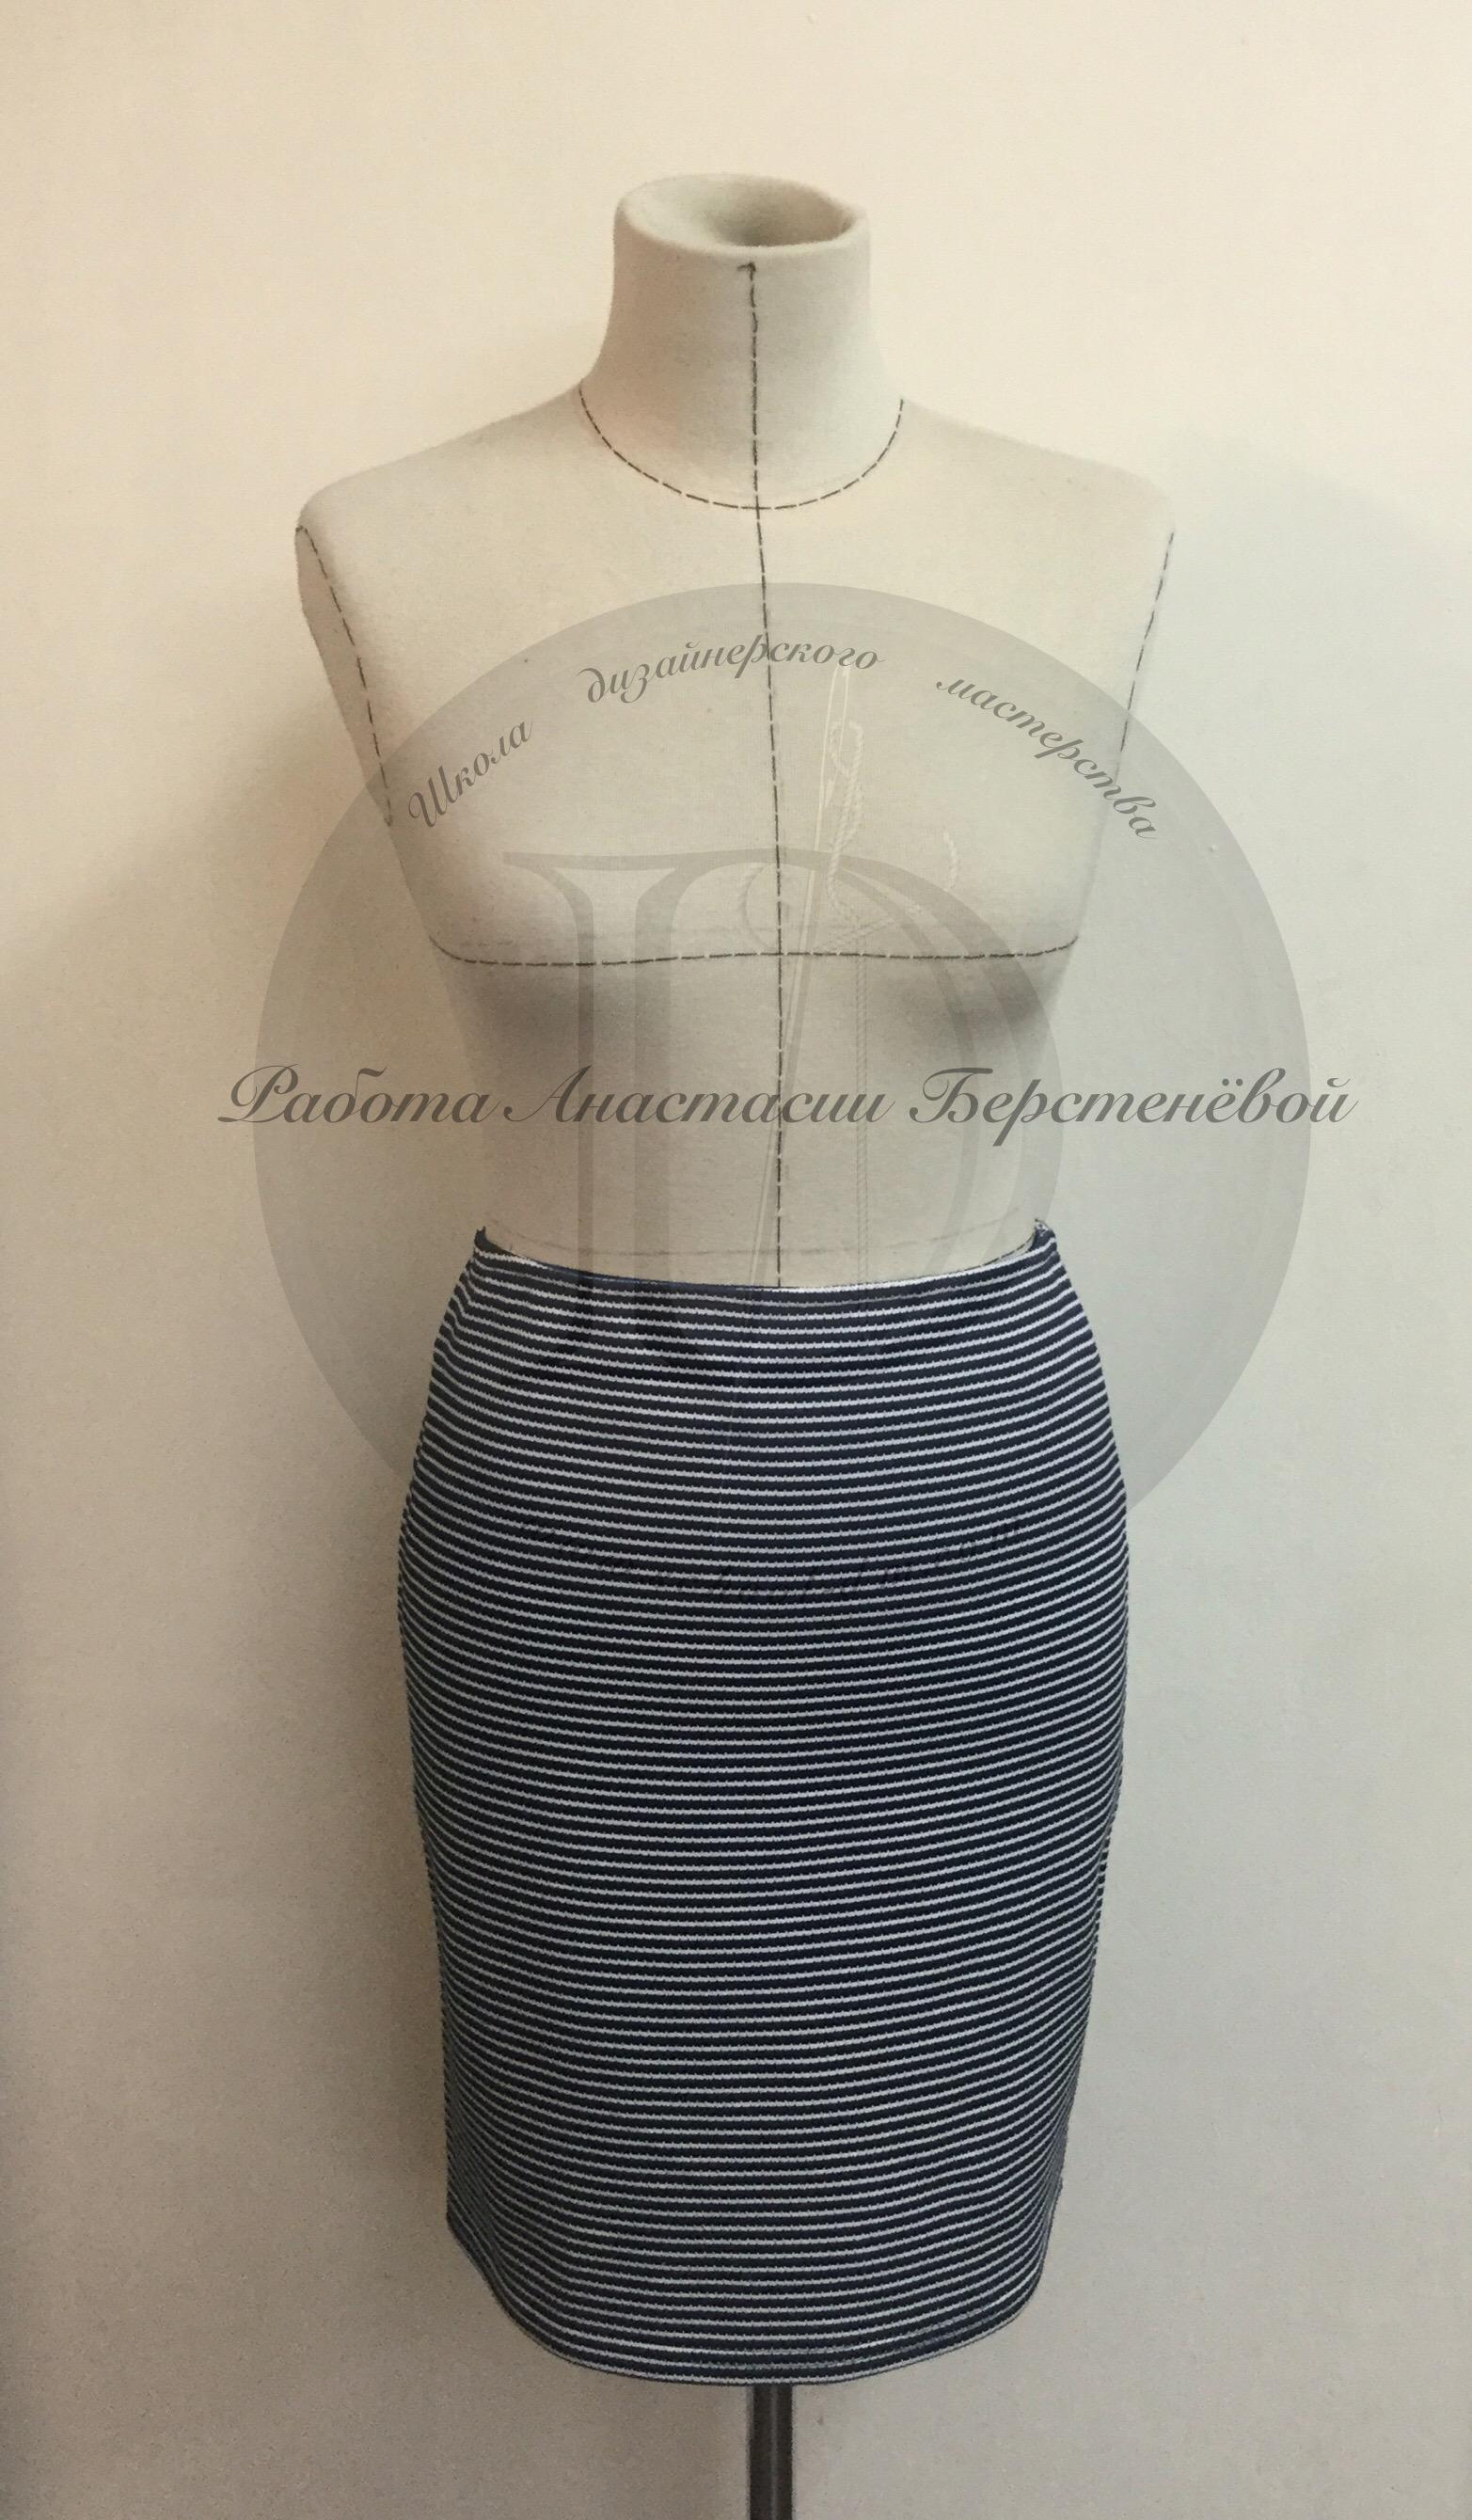 Школа дизайнерского мастерства, курсы кройки и шитья, прямая трикотажная юбка, шить юбку